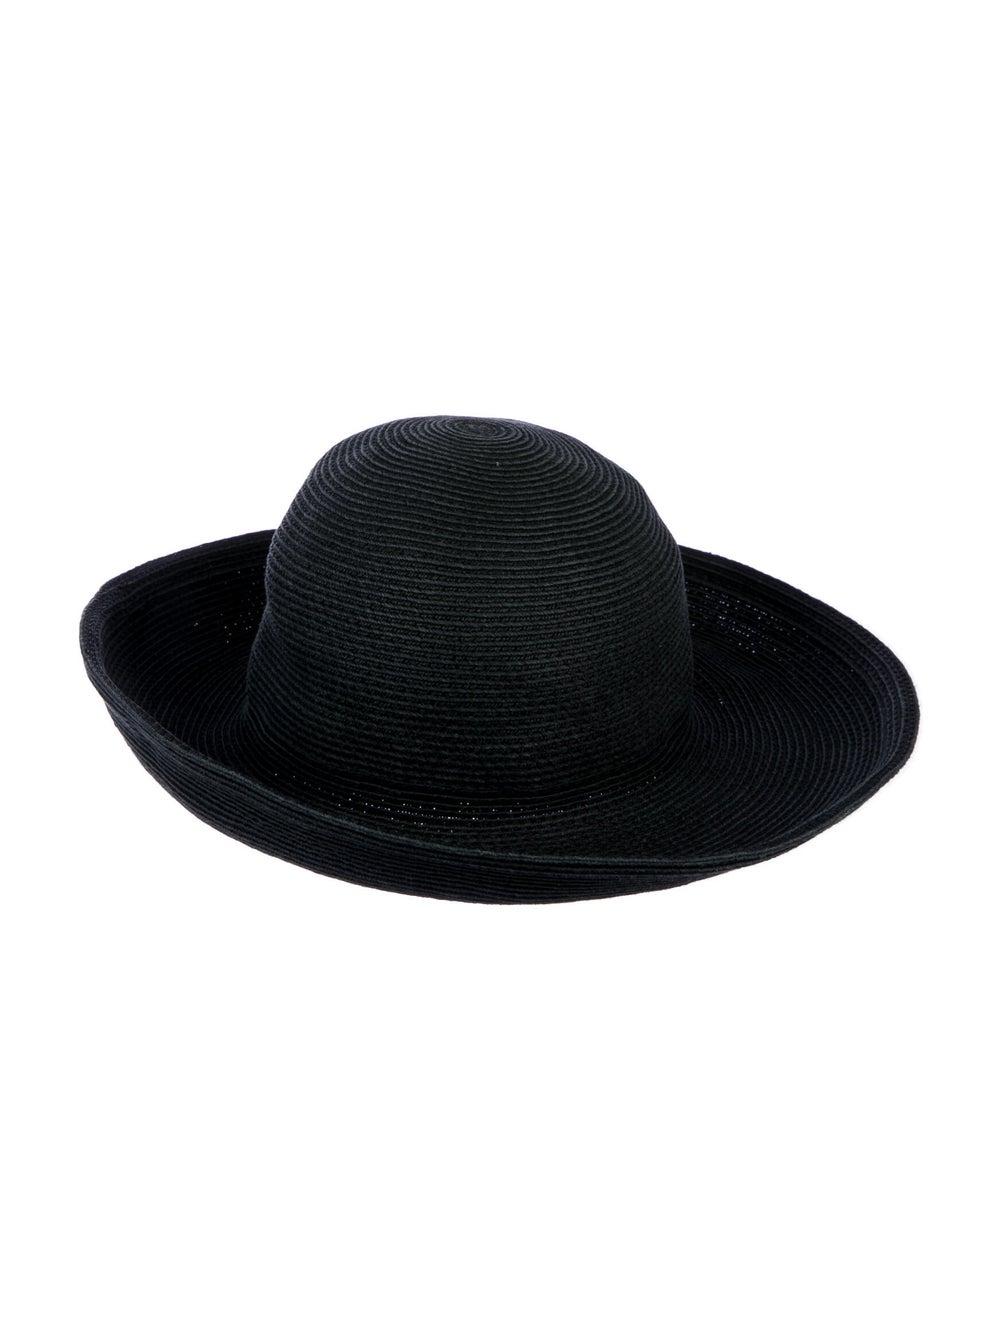 Eric Javits Wide Brim Hat Grey - image 2